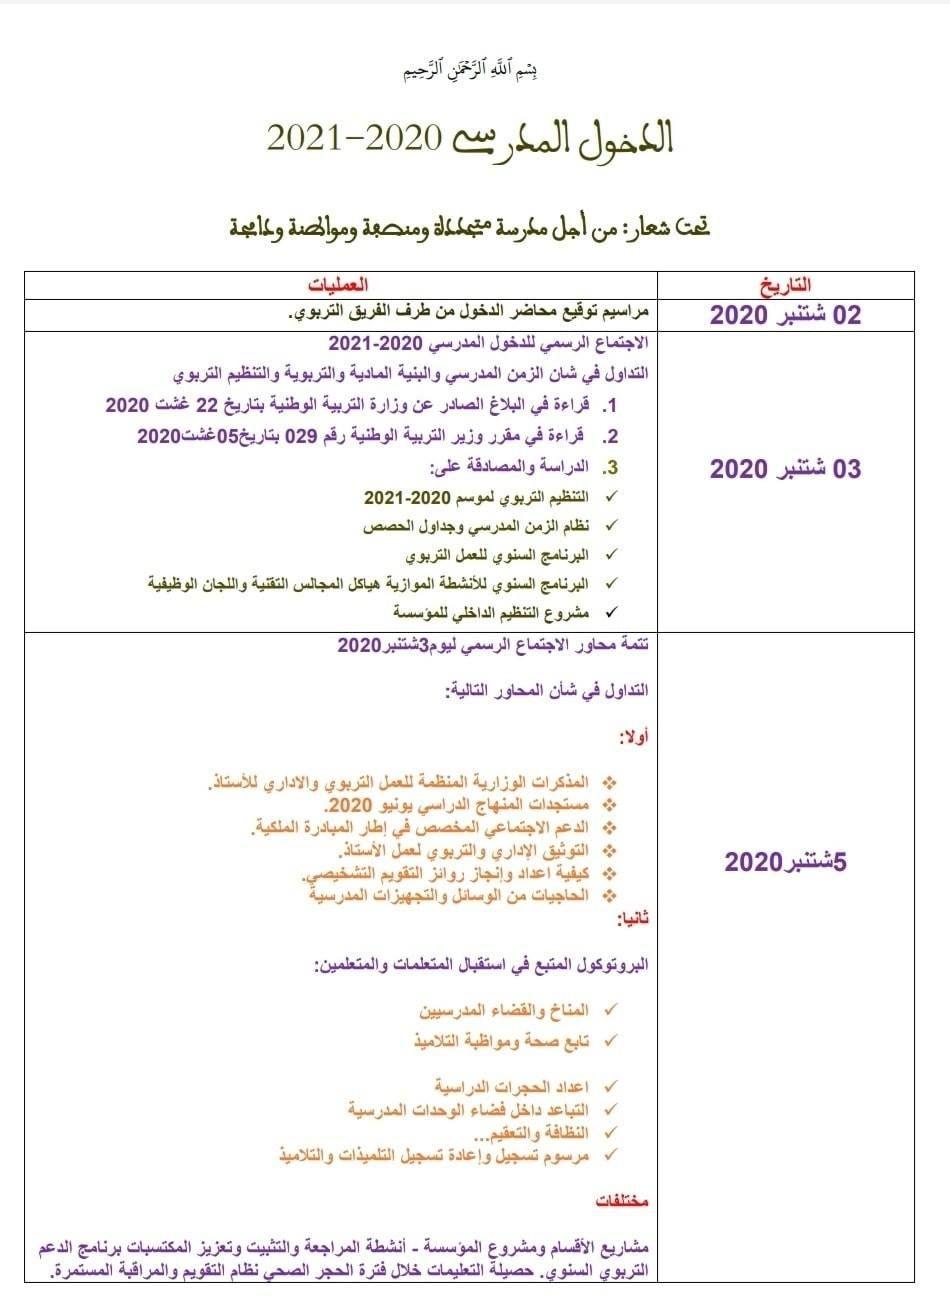 نموذج مذكرة يومية للدخول المدرسي للاستئناس نموذج مذكرة يومية للدخول المدرسي للاستئناس Blog Posts Blog Post